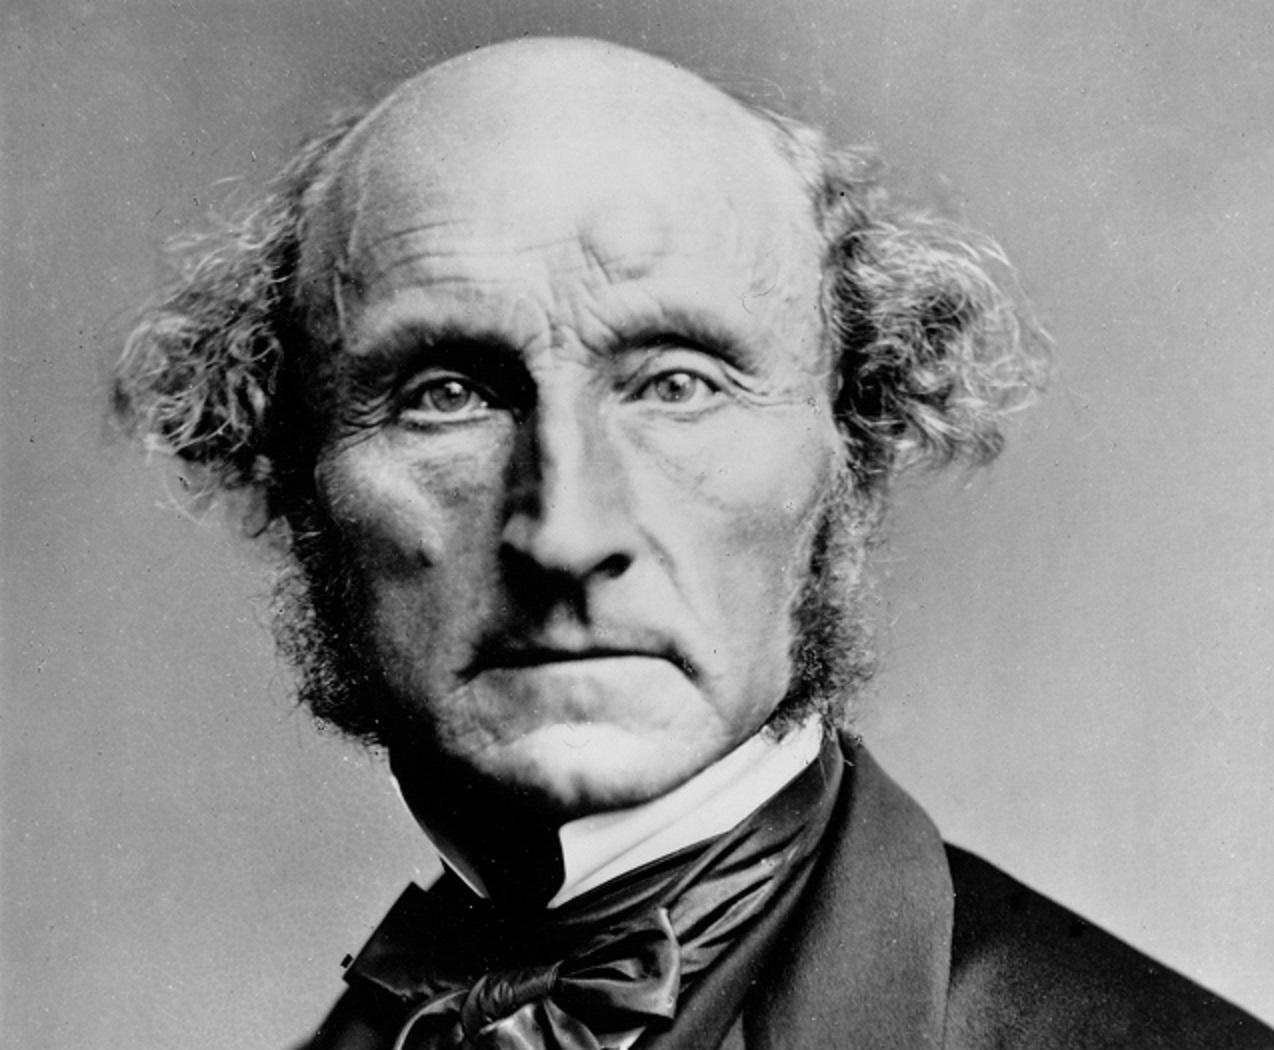 La storia, la vita e la verità: John Stuart Mill